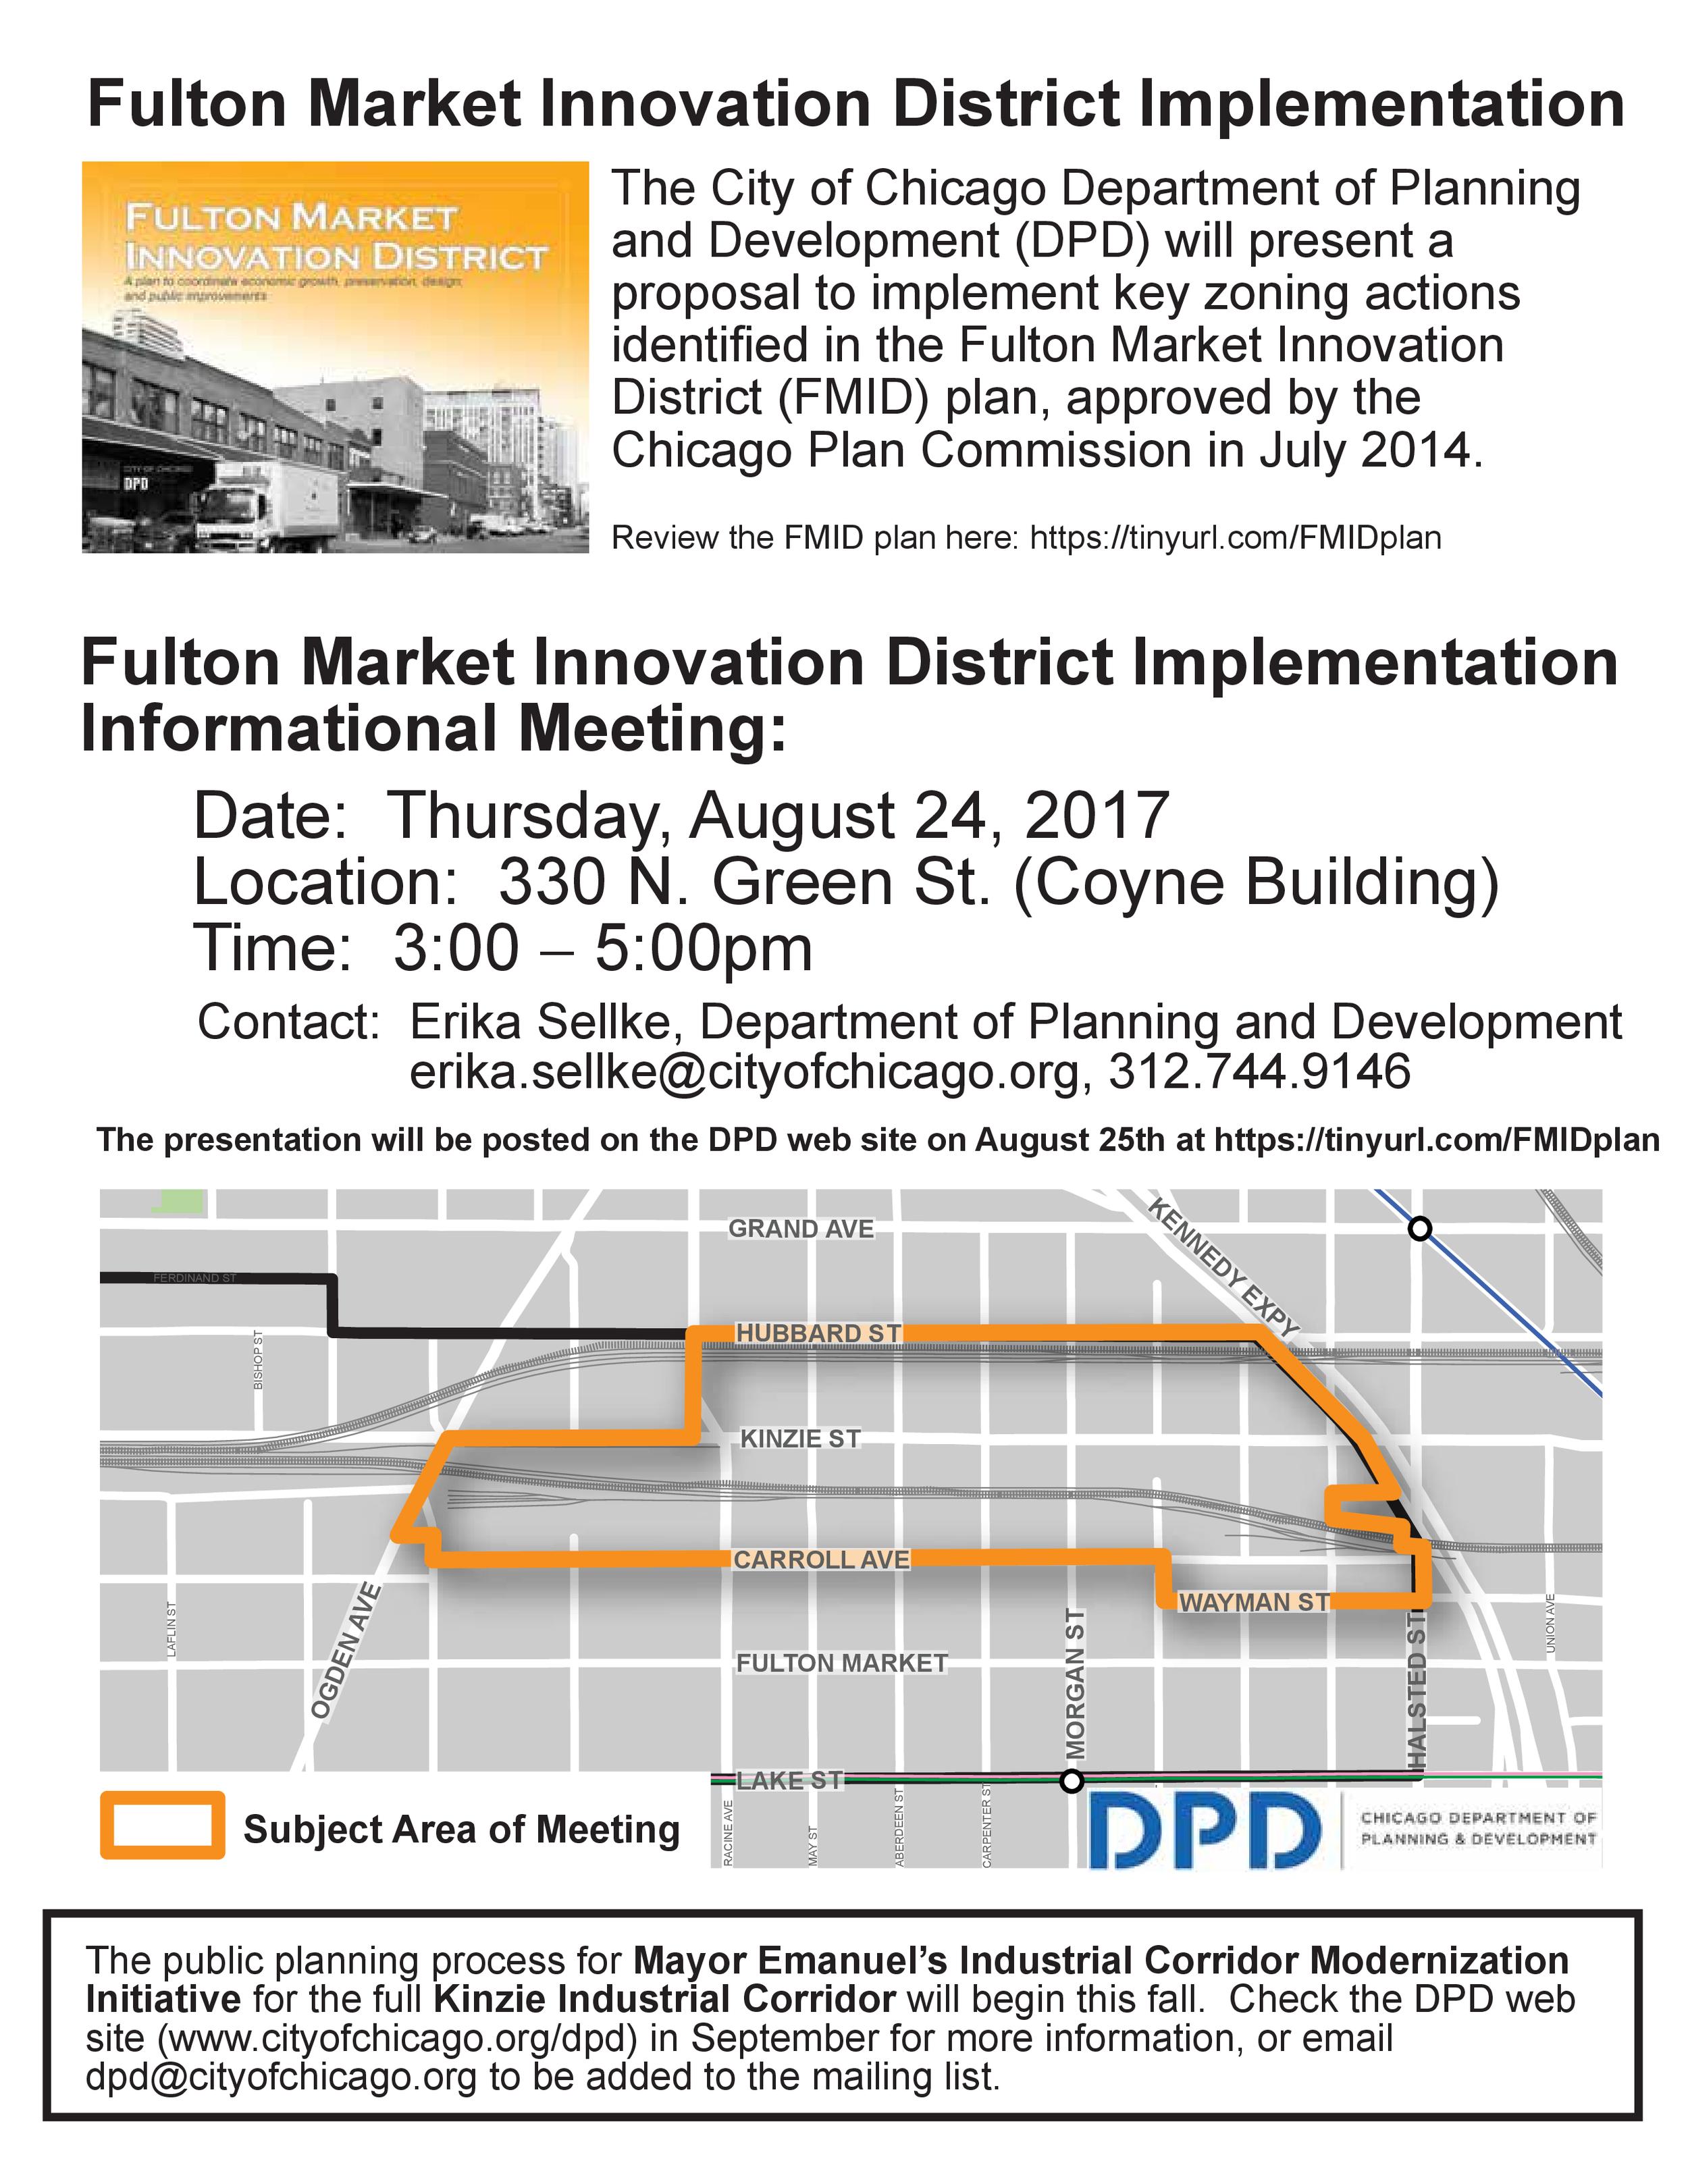 2017_08_16_FMID_implentation_mtg_flyer.png